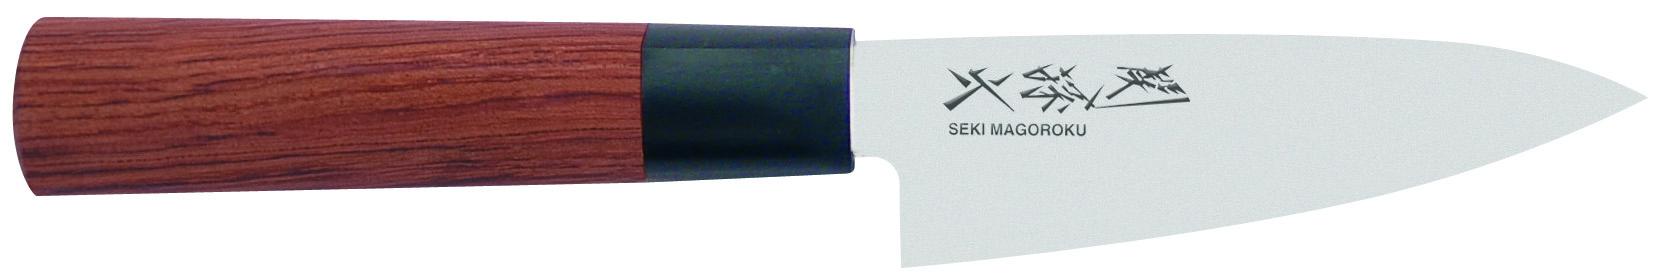 Japonský malý kuchynský nôž Seki Magoroku MGR-0100P